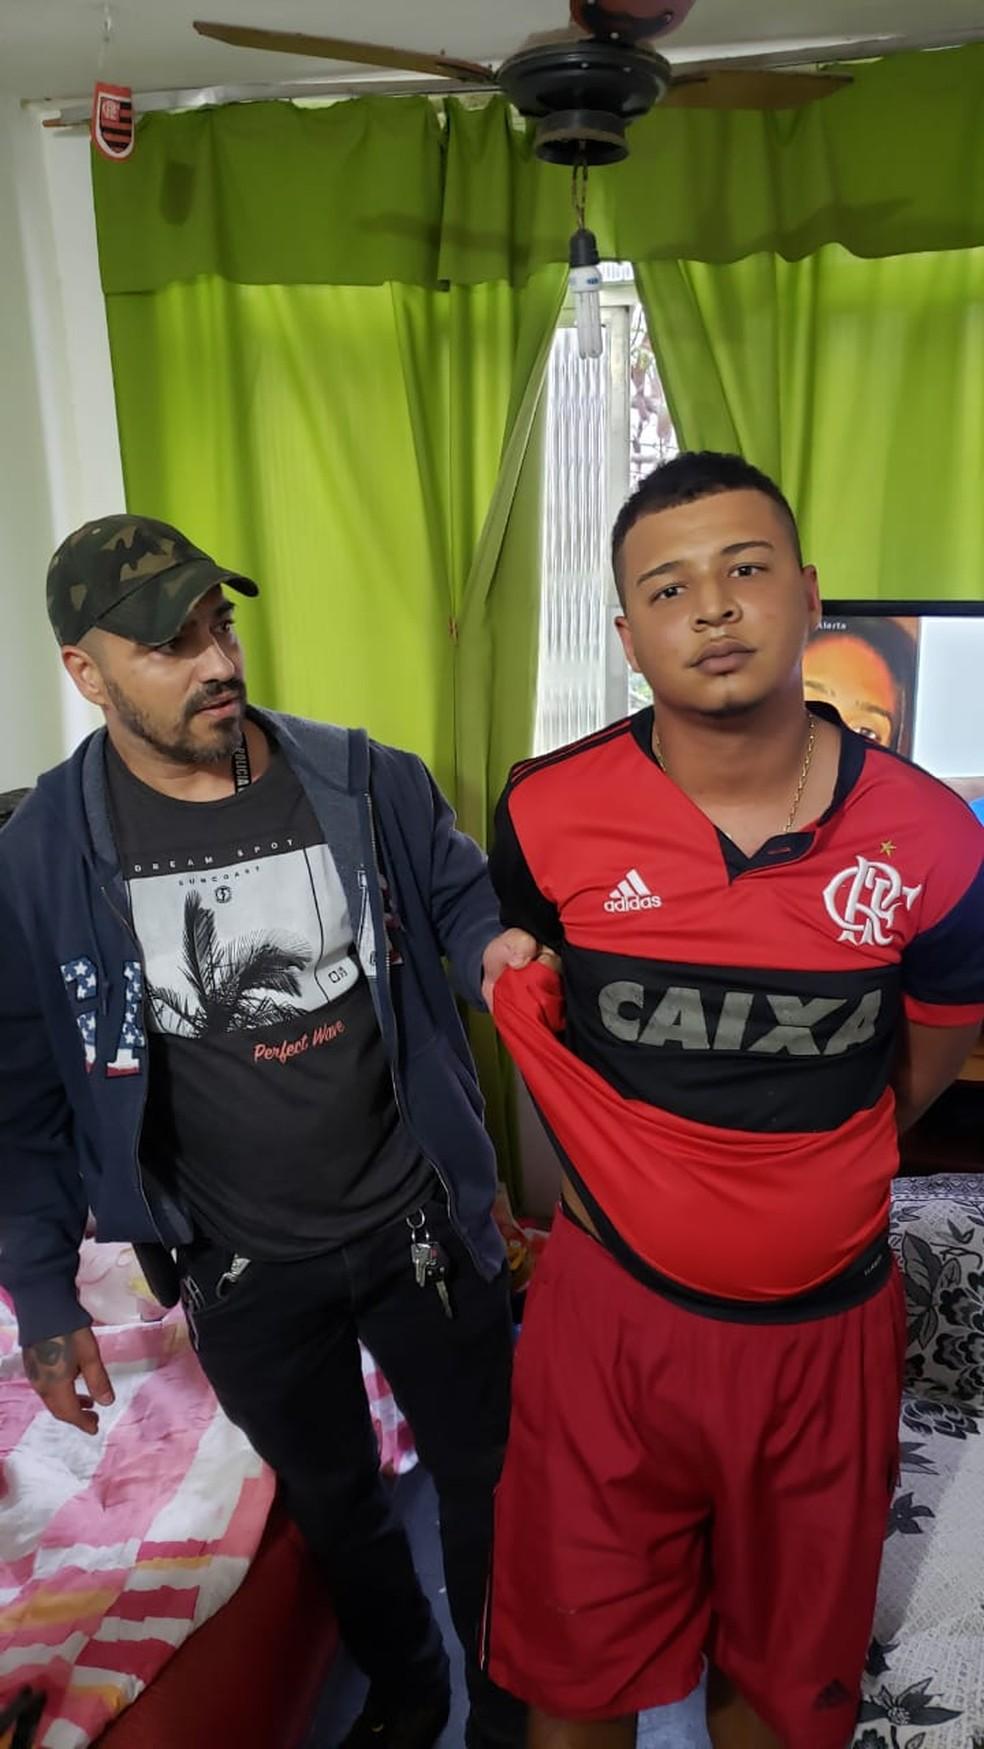 Assaltante Guety do Viradouro foi preso nesta terça-feira (13) por policiais civis — Foto: Divulgação/Polícia Civil